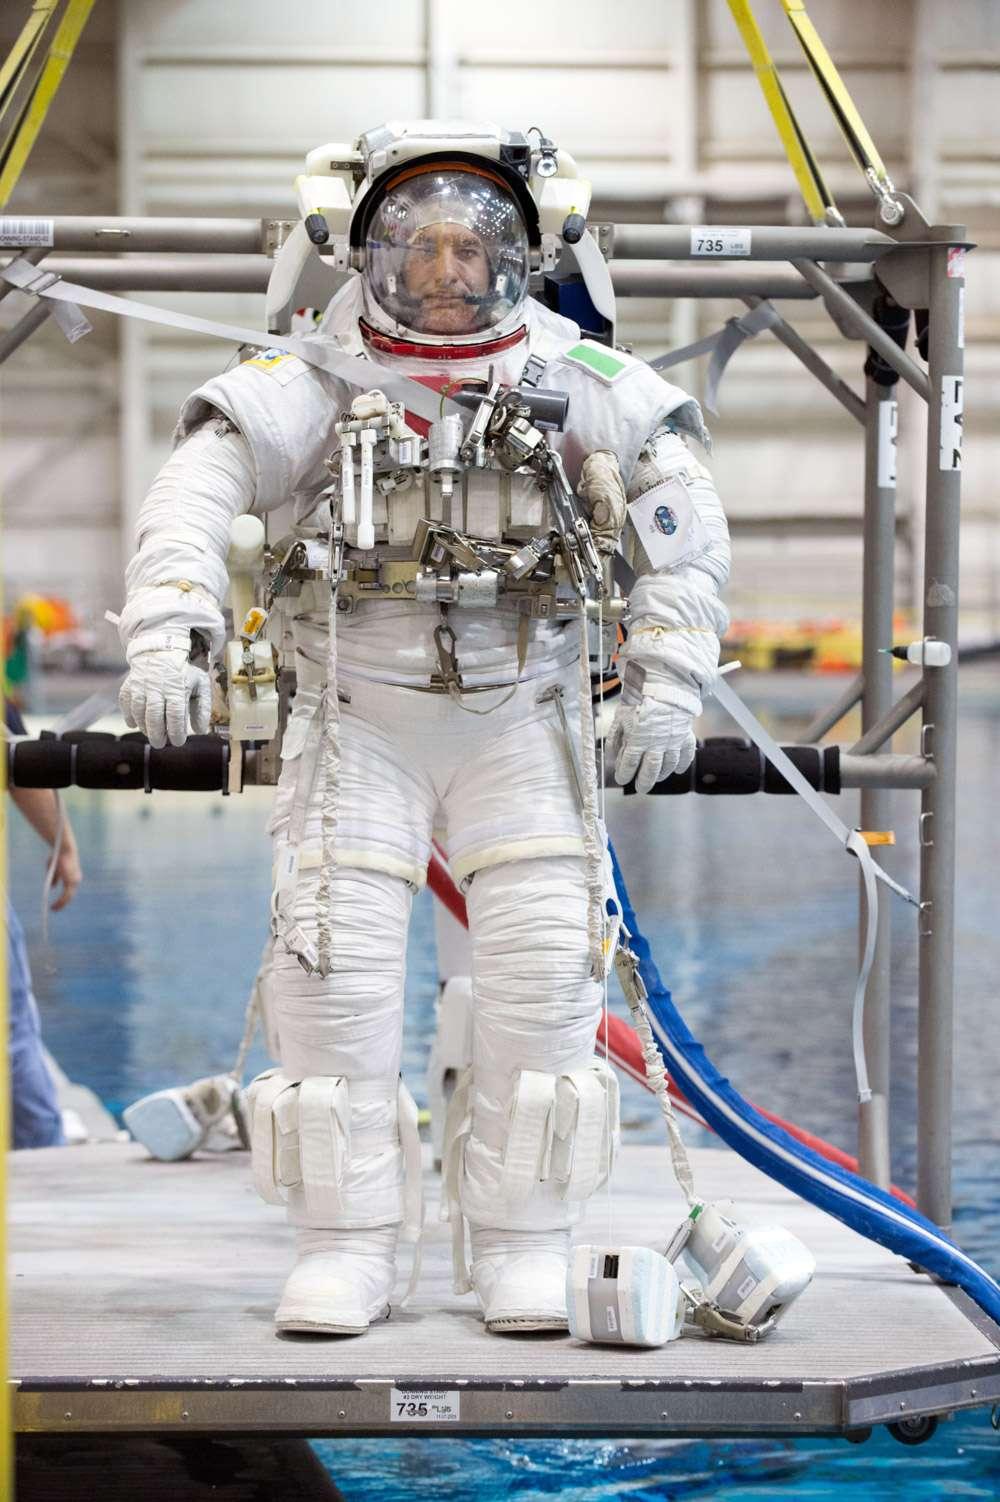 L'astronaute Luca Parmitano teste sa combinaison, à l'entraînement au centre spatial Johnson de la Nasa. © JSC, Nasa